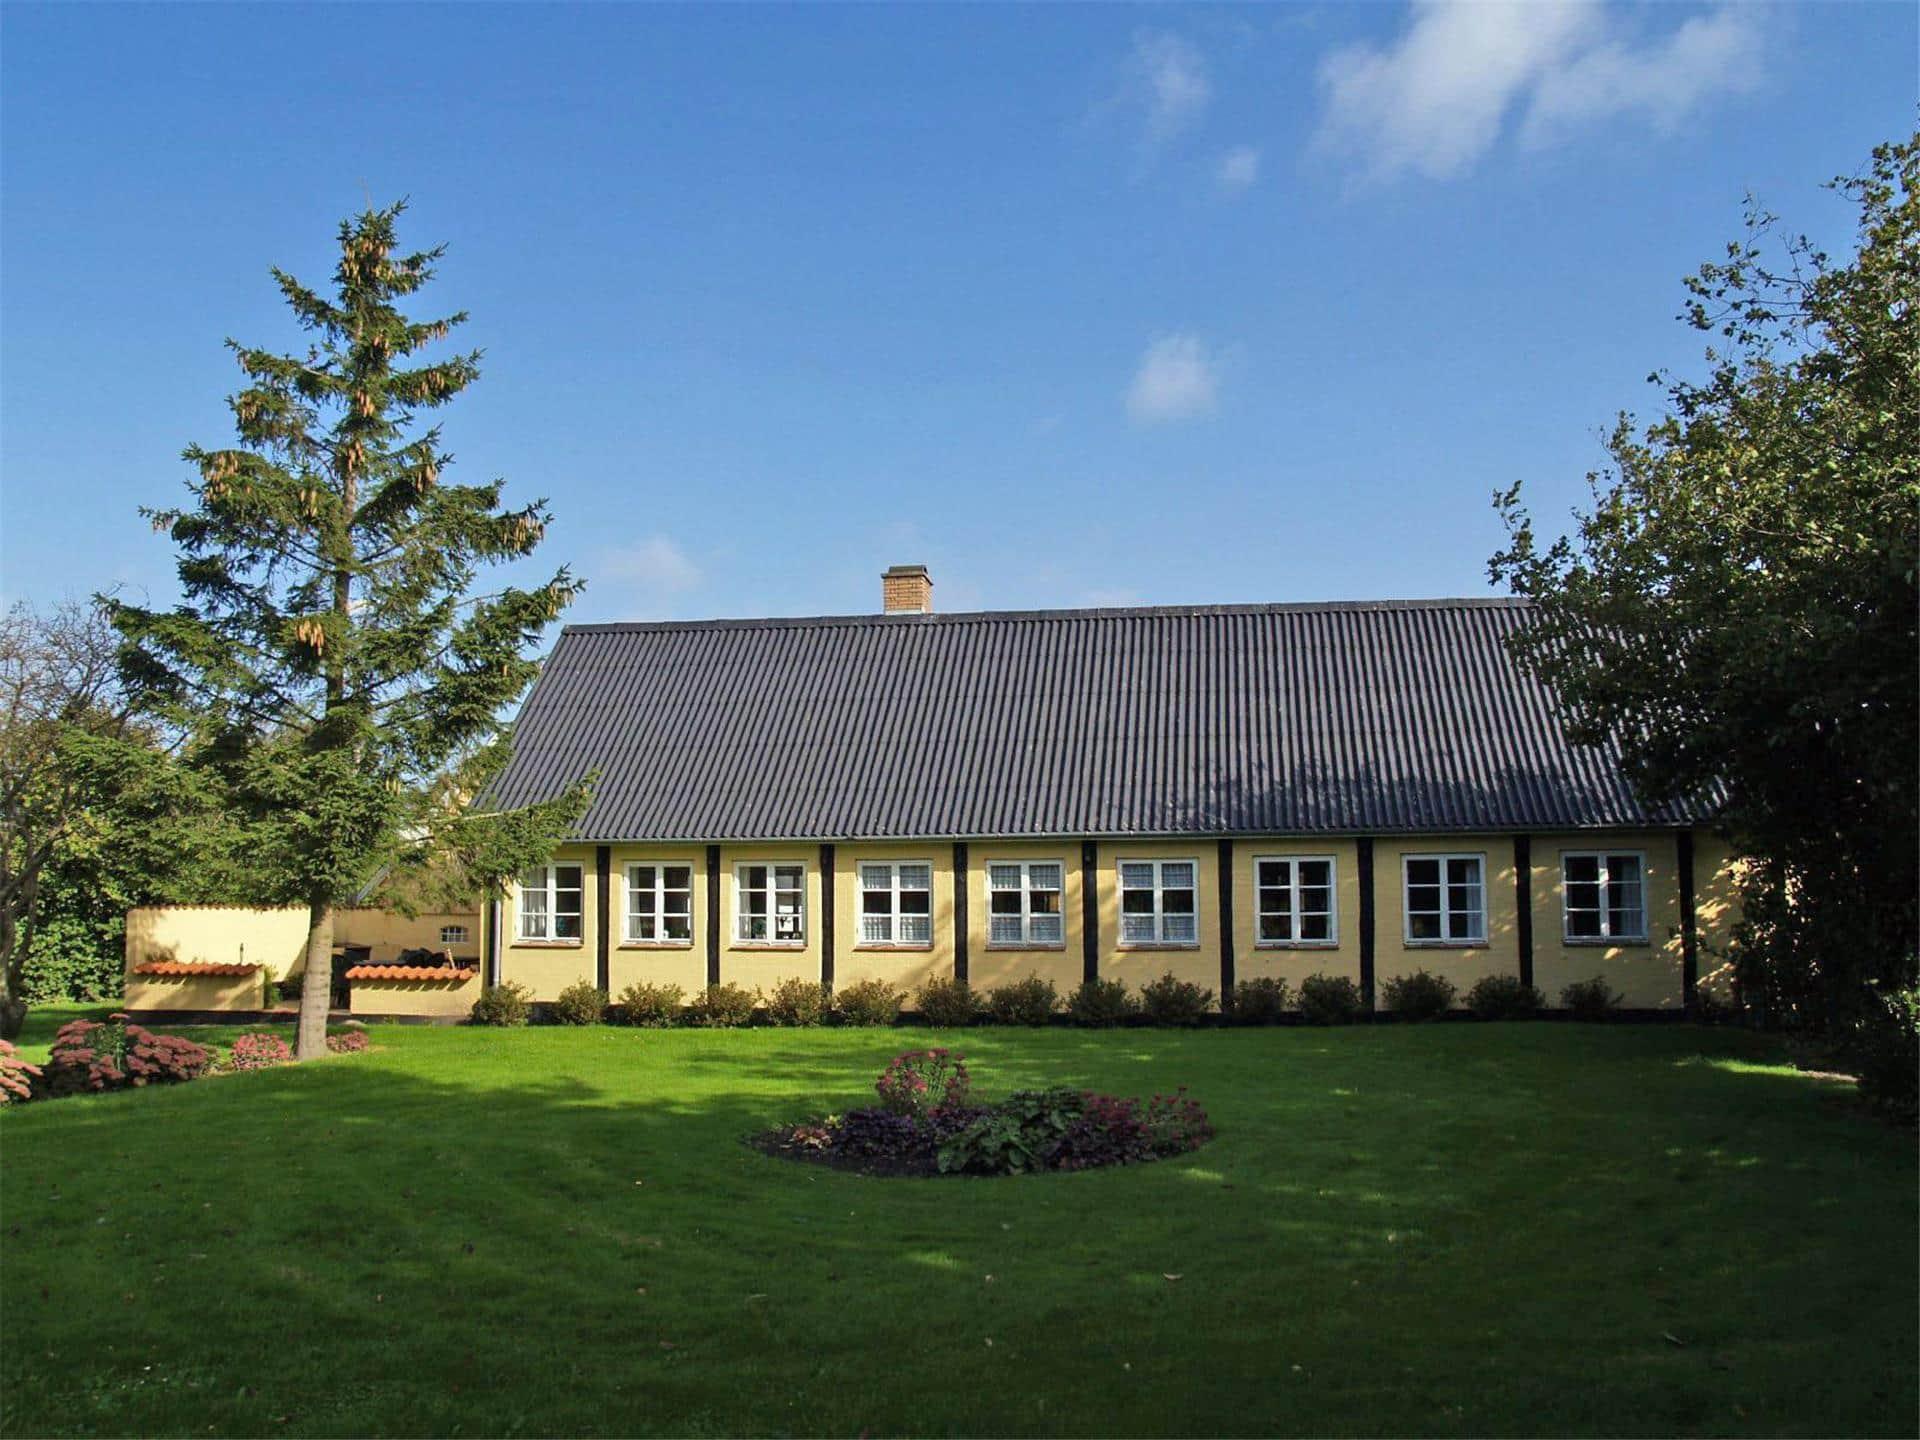 Billede 1-10 Sommerhus 4671, Bygaden 4, DK - 3720 Aakirkeby